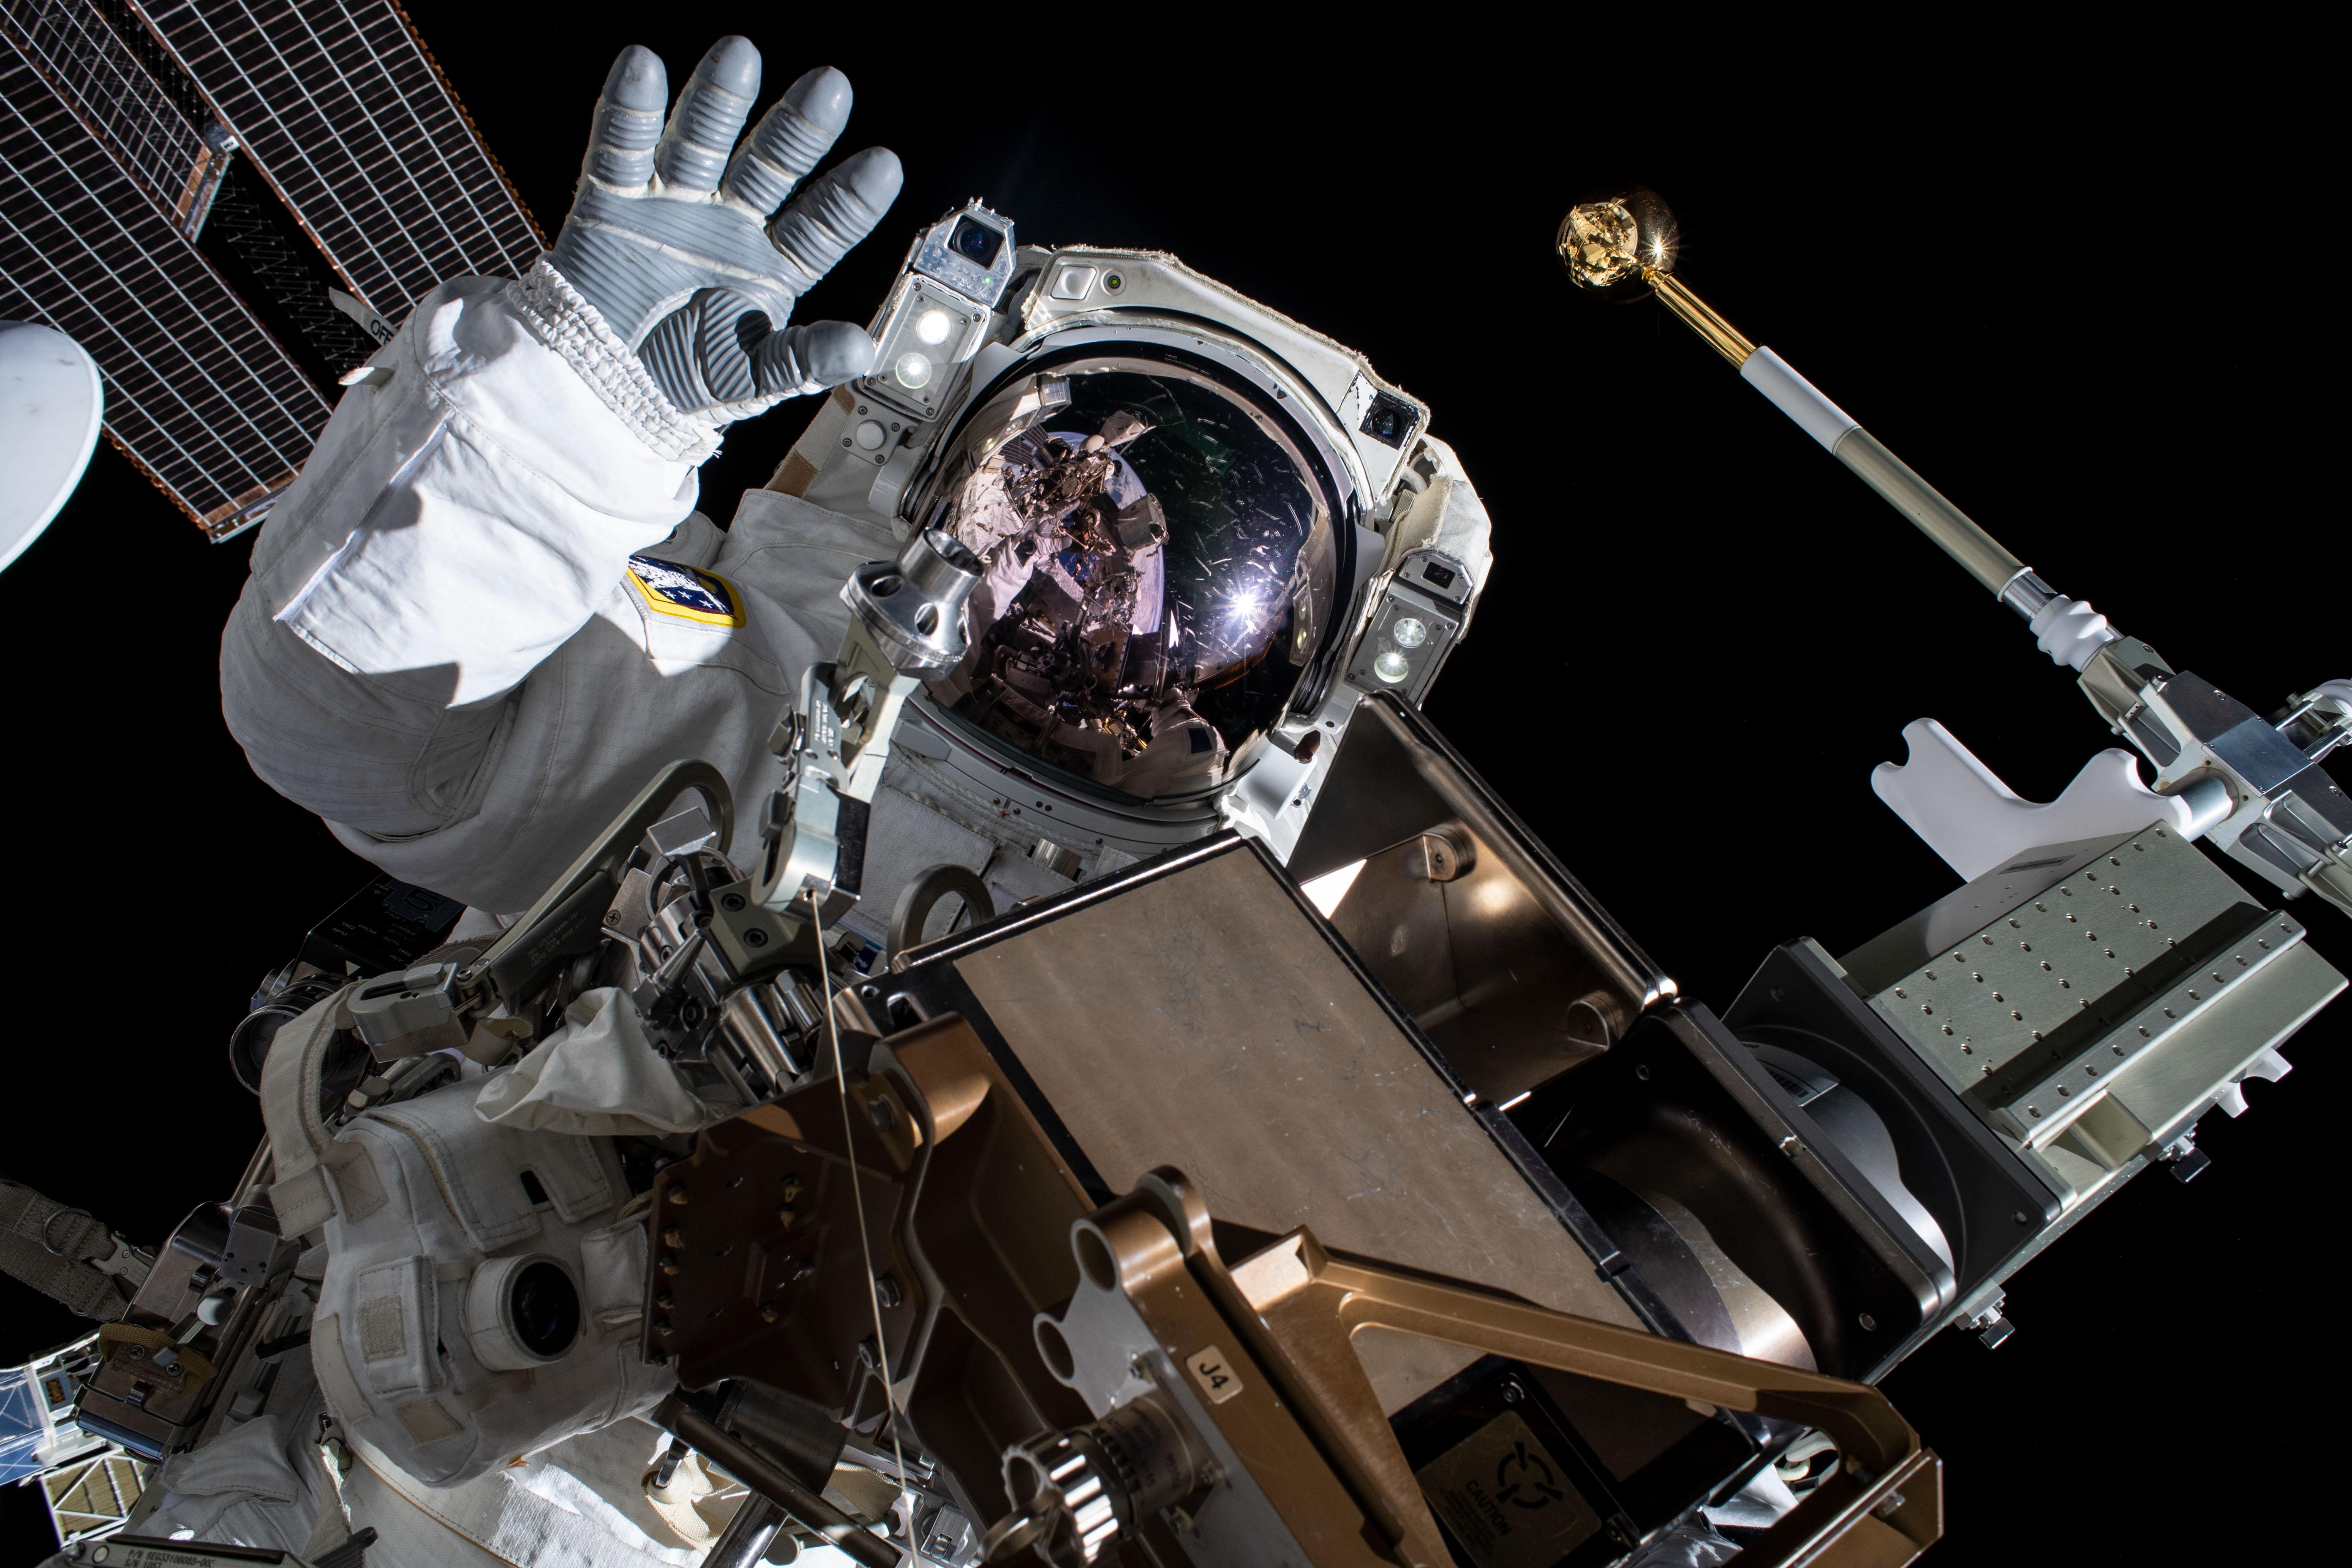 A Nasa astronaut waves hello toward a camera.